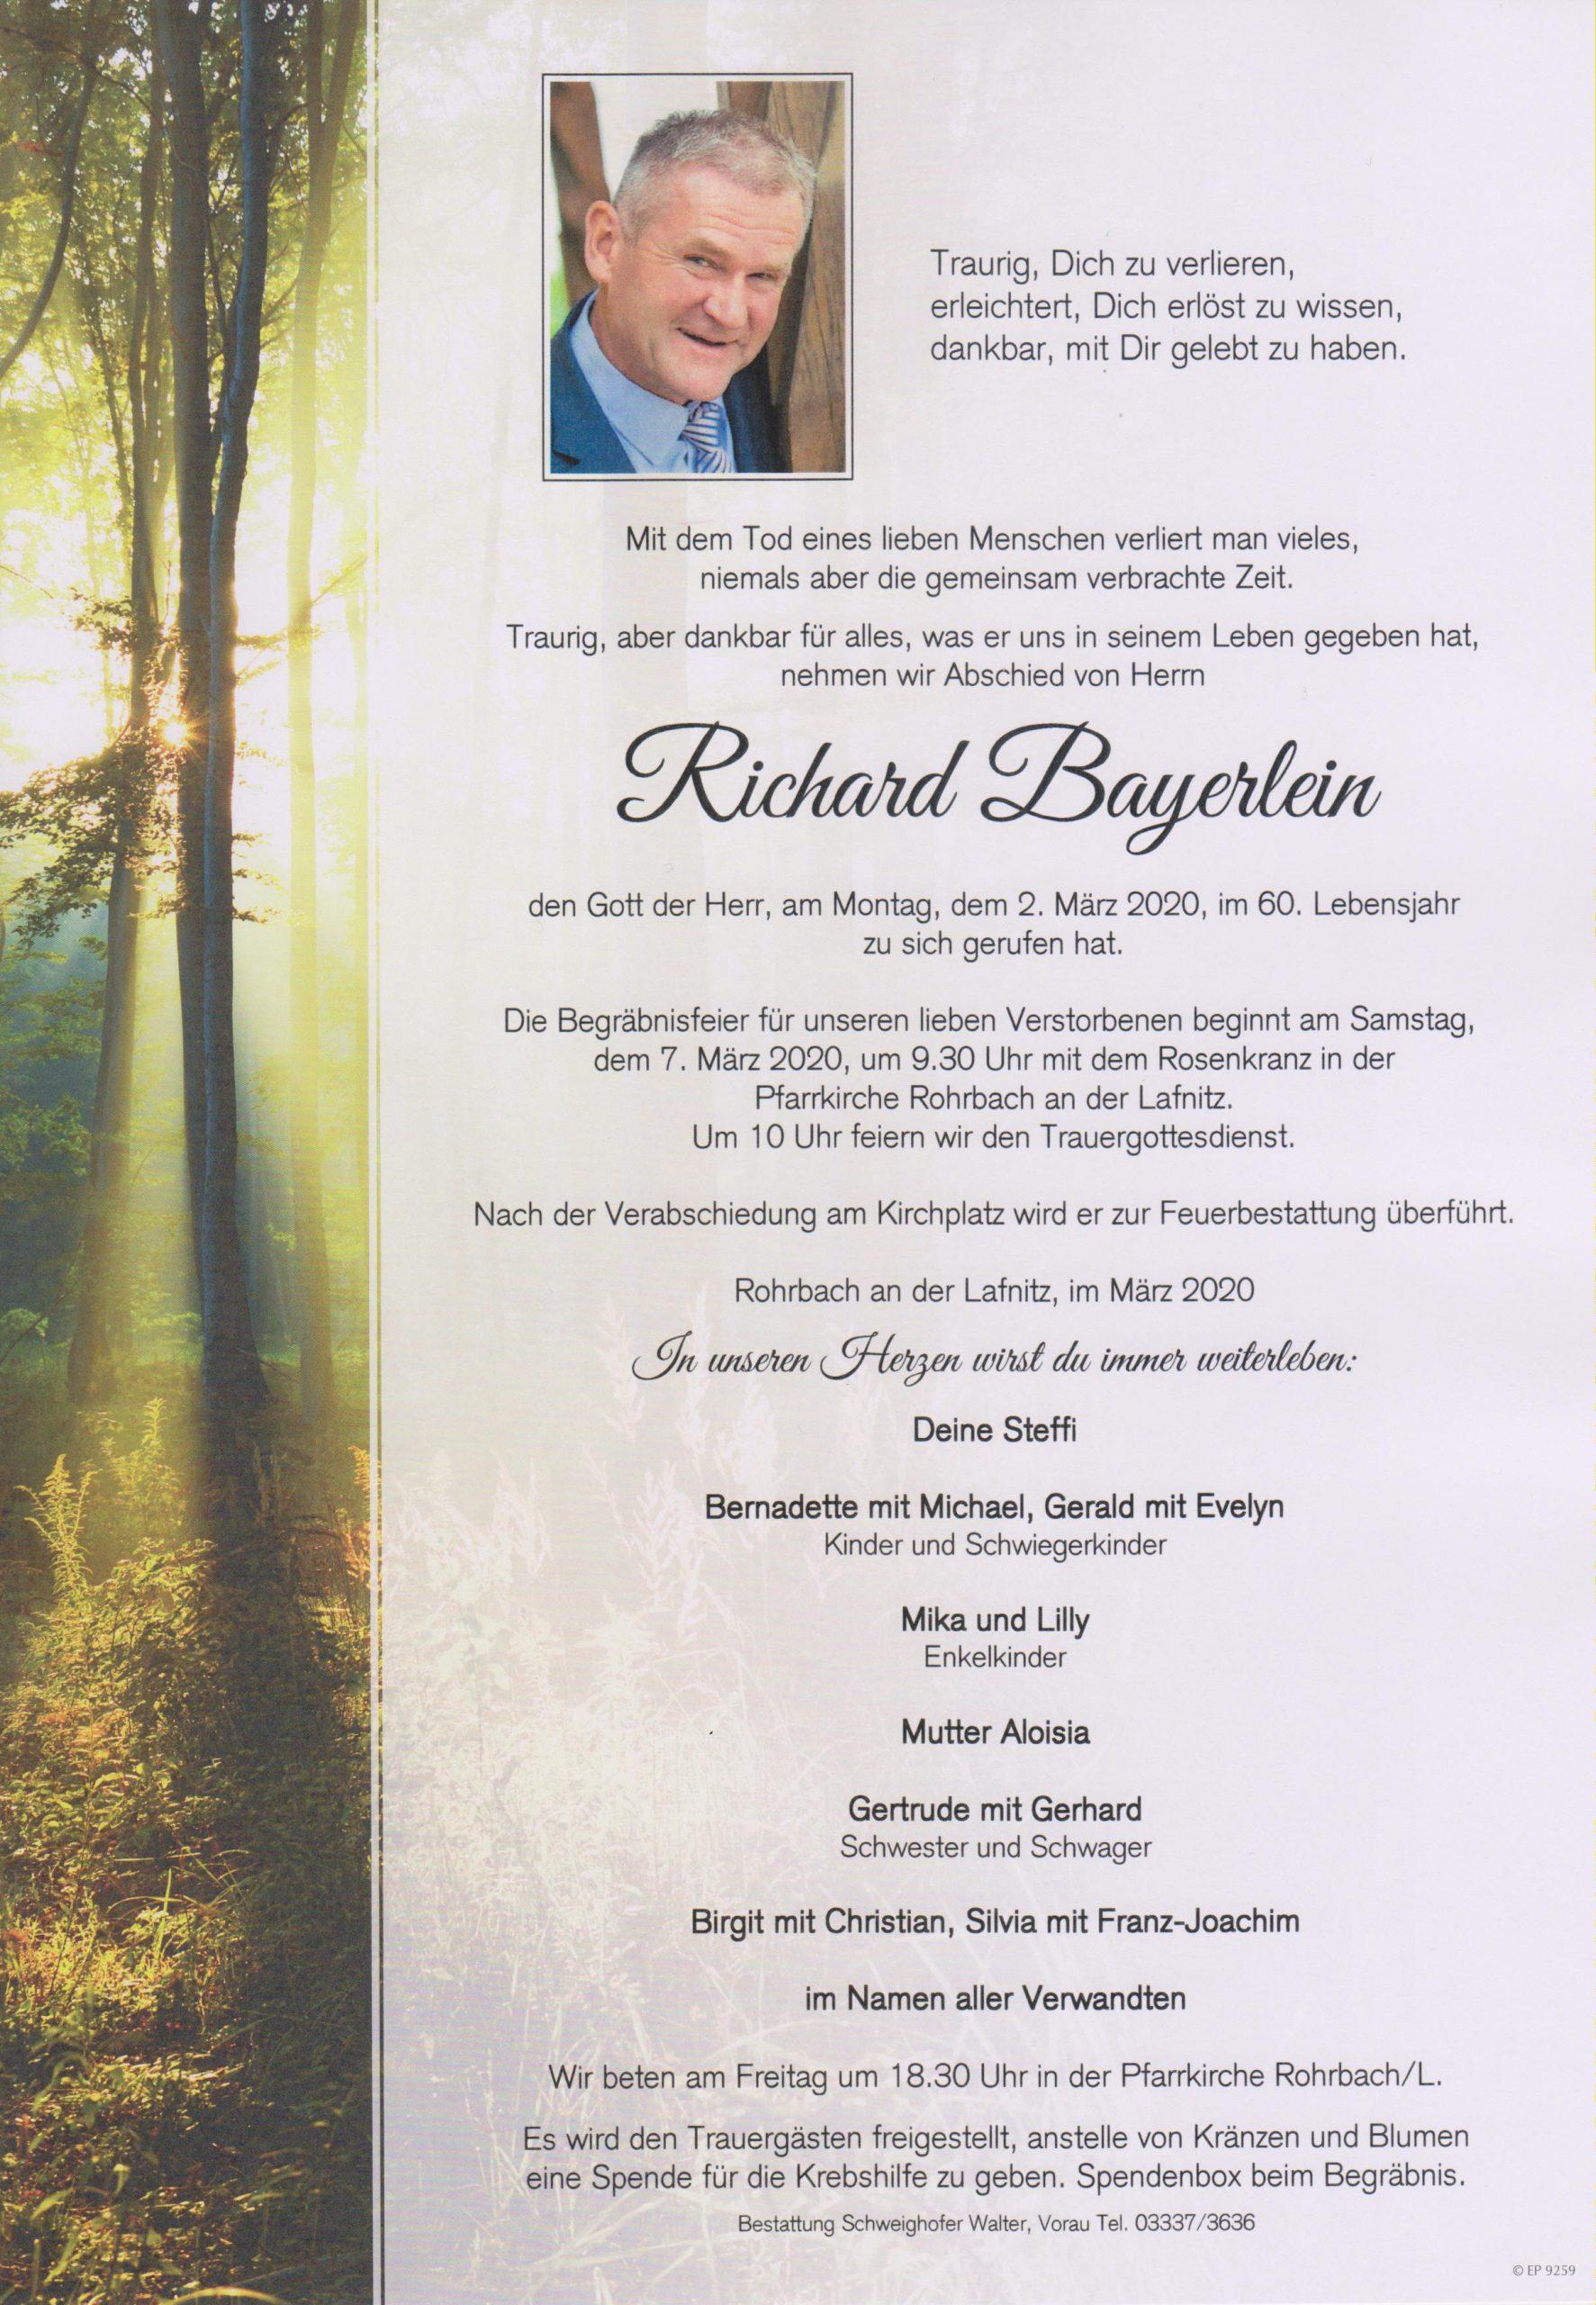 Richard Bayerlein